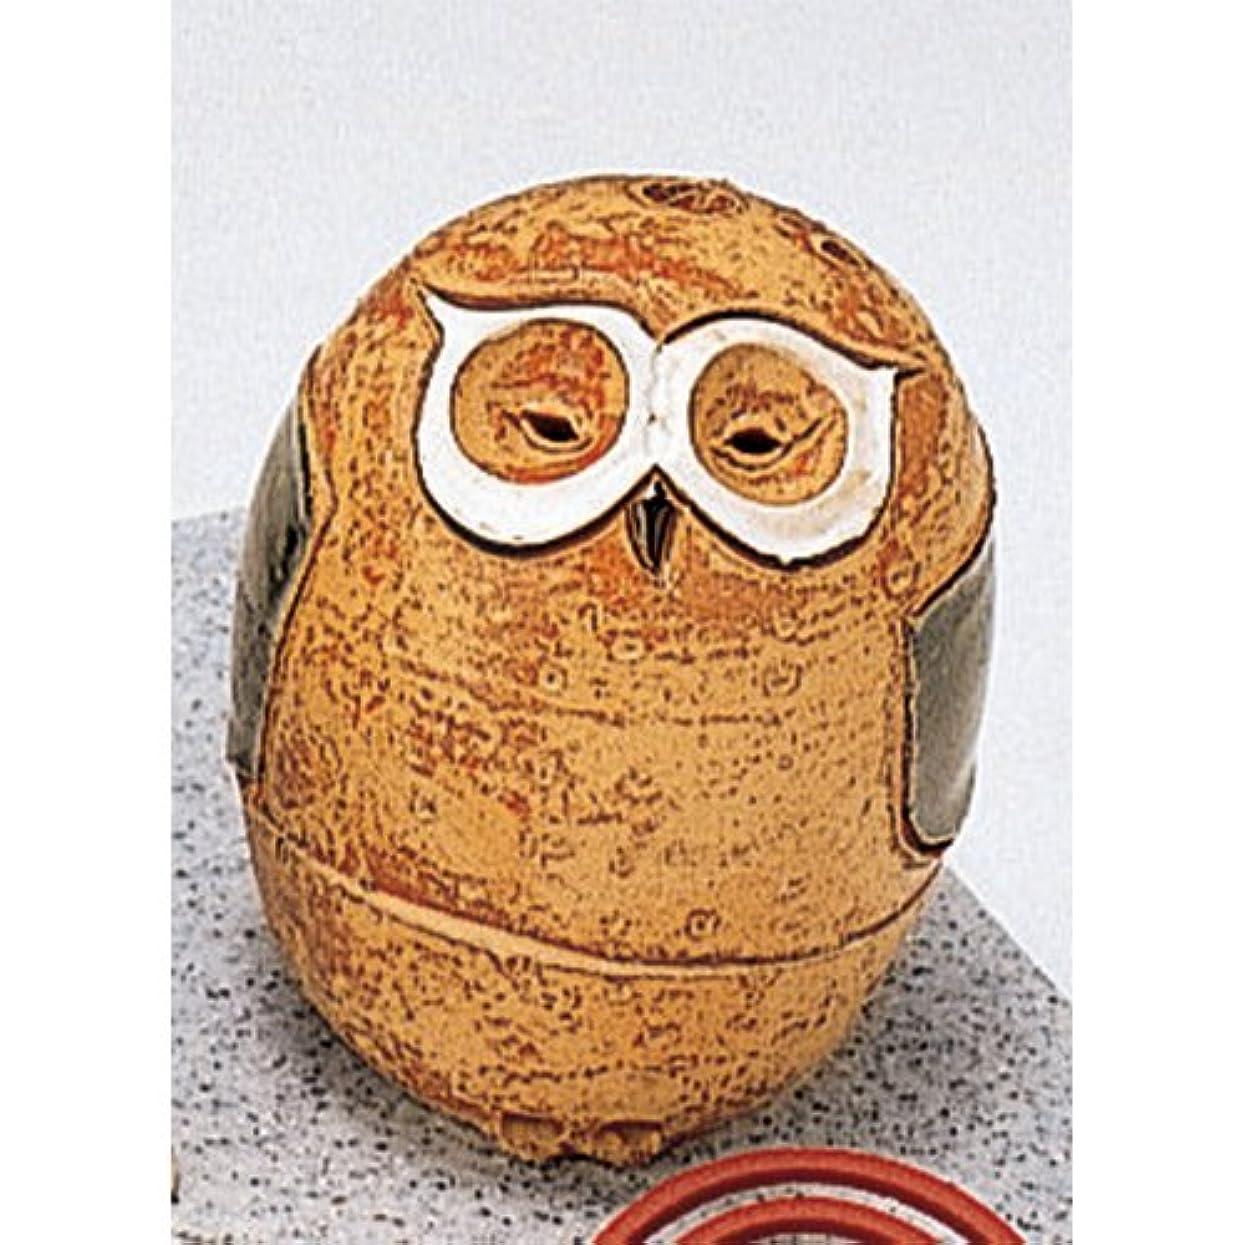 誘惑オフ出くわす香炉 フクロウ 香炉(大) [R7xH9.3cm] HANDMADE プレゼント ギフト 和食器 かわいい インテリア